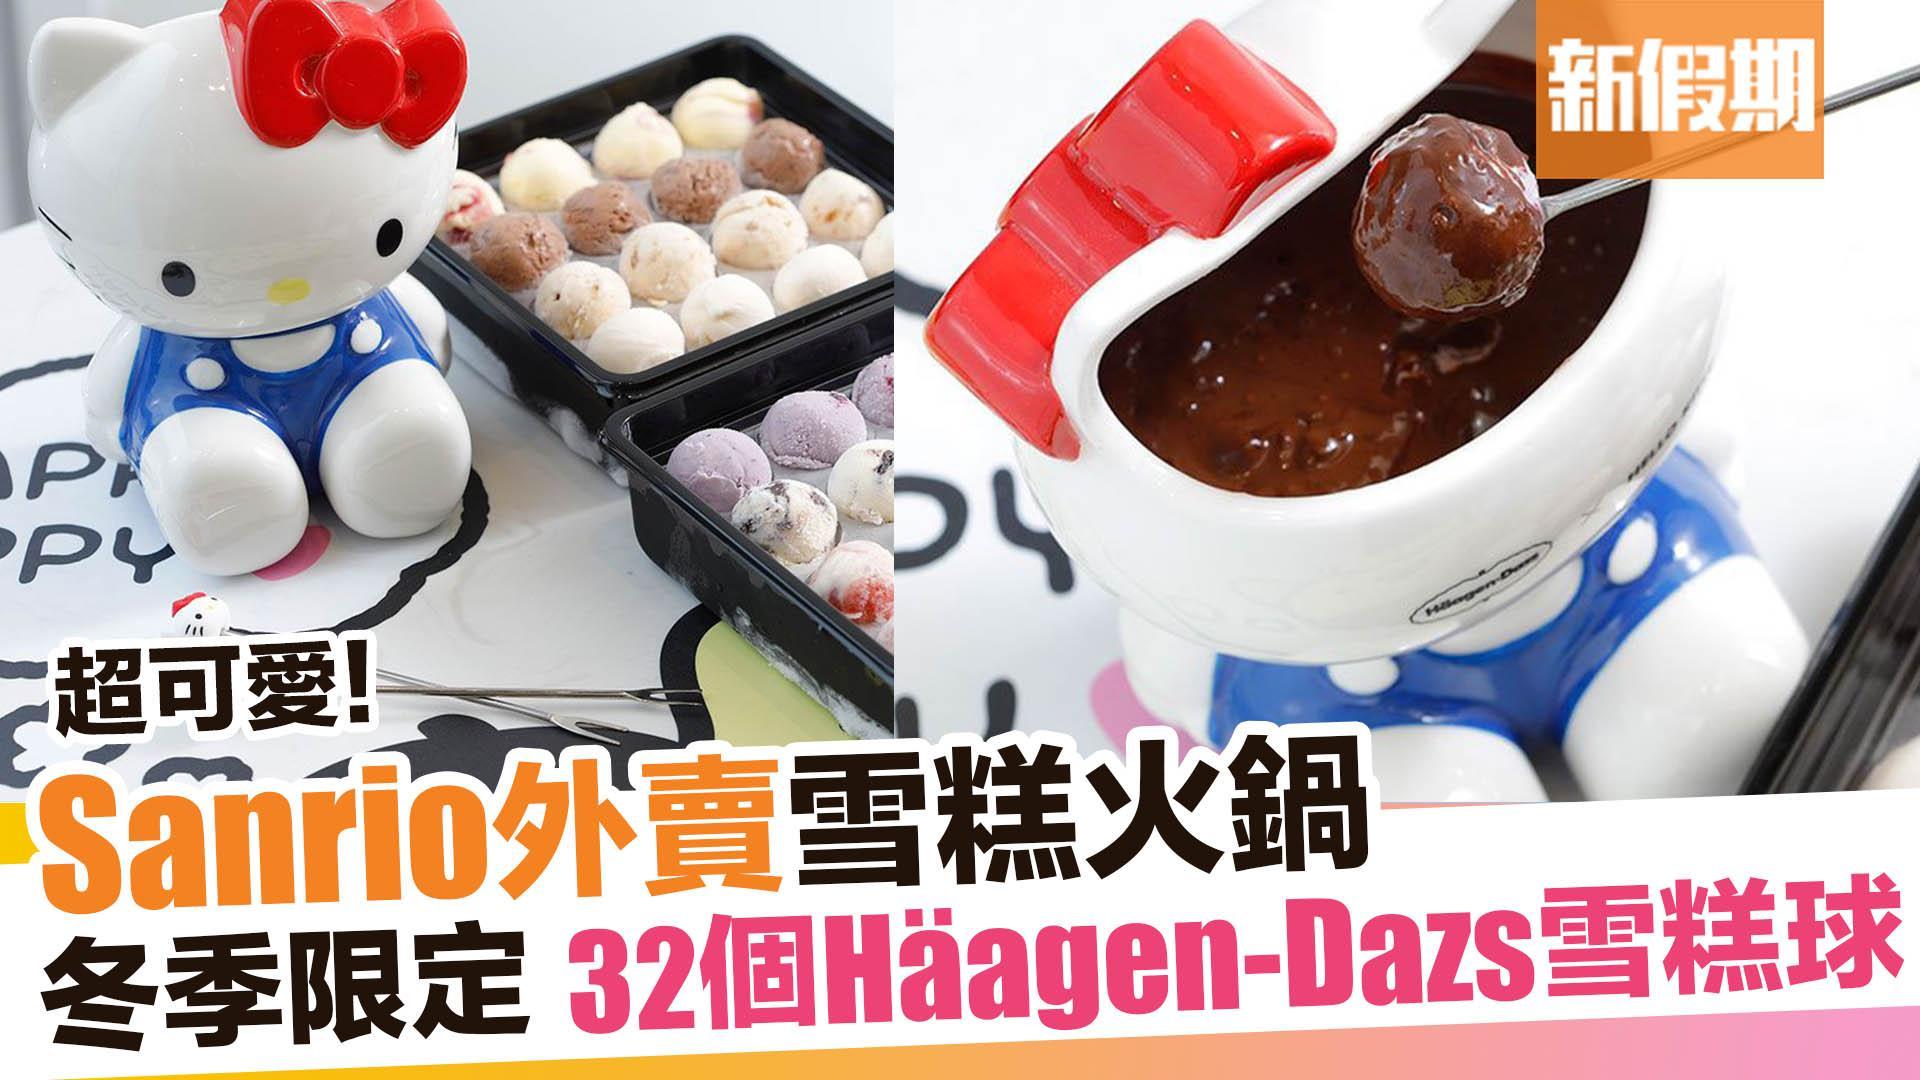 【外賣食乜好】Häagen-Dazs聯乘Sanrio推出朱古力雪糕火鍋! 新假期